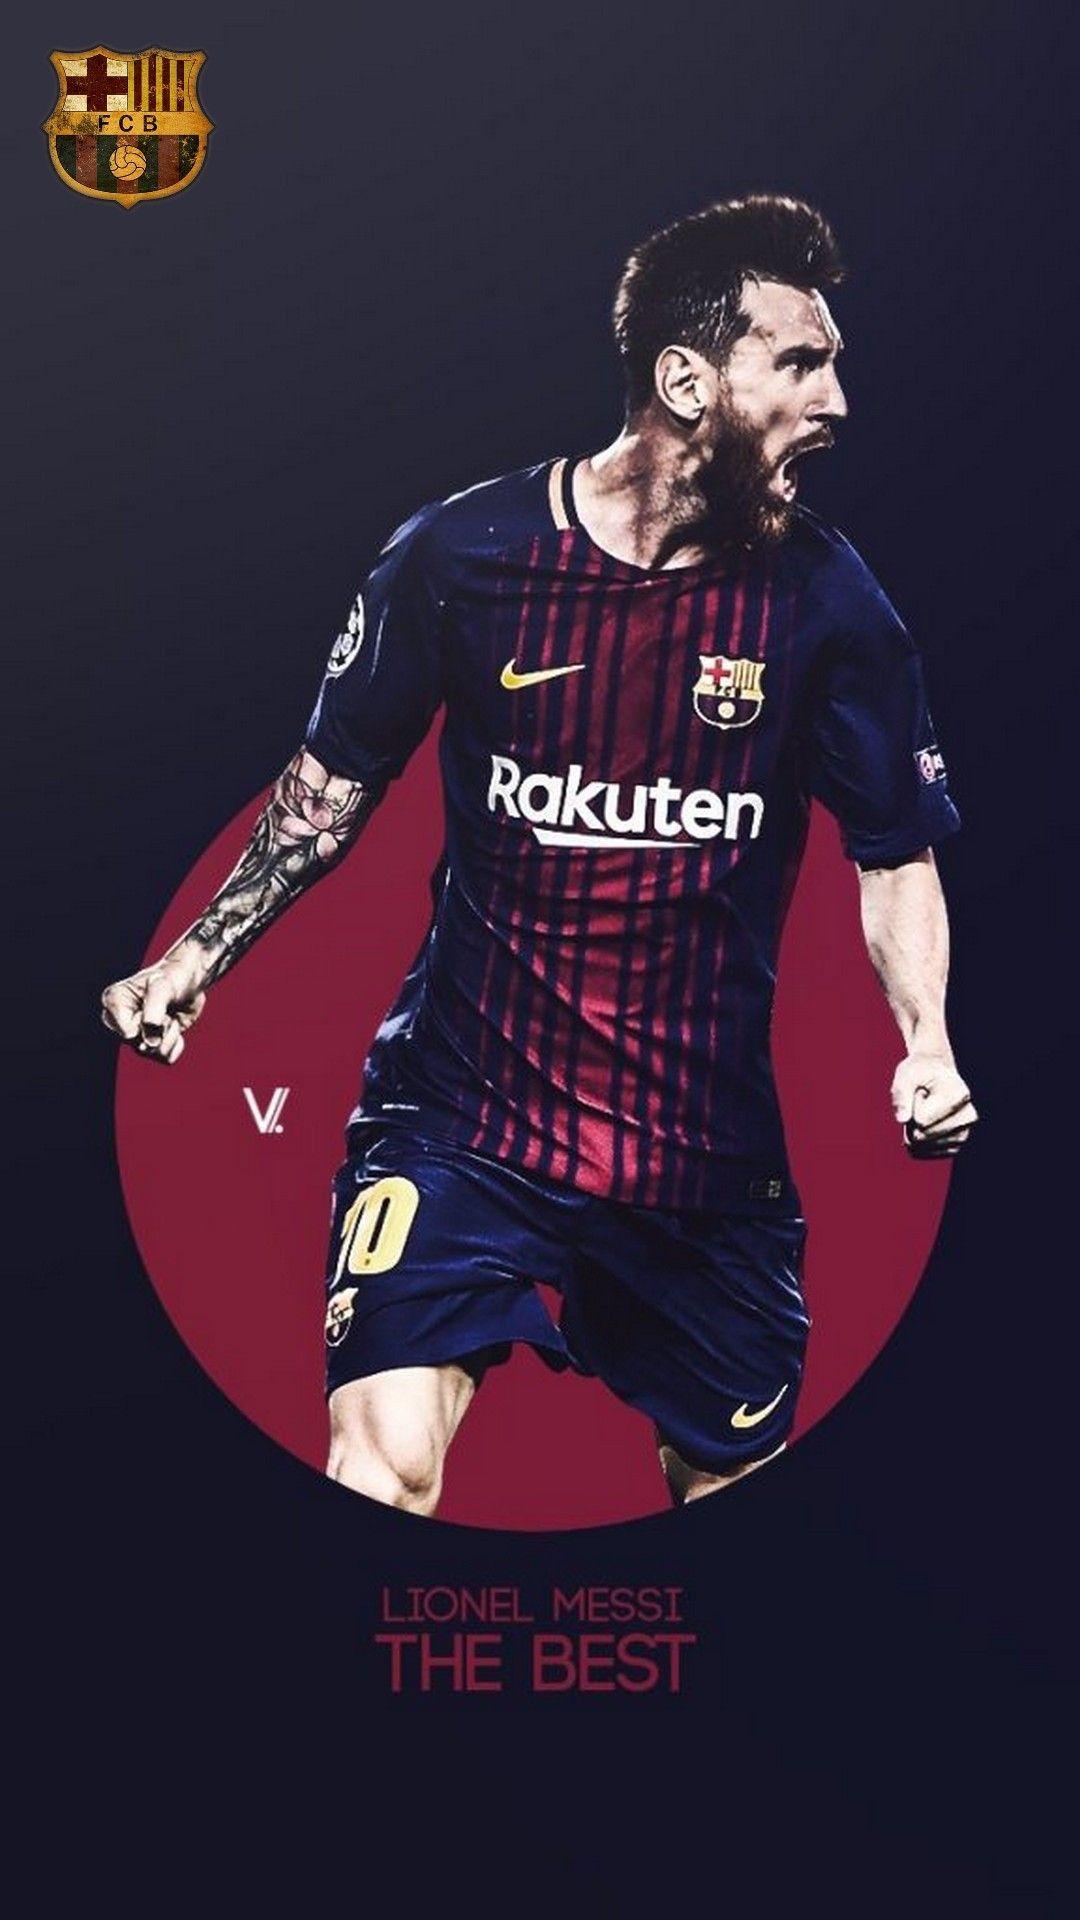 Wallpaper Lionel Messi Barcelona Iphone Best Football Wallpaper Lionel Messi Lionel Messi Barcelona Messi